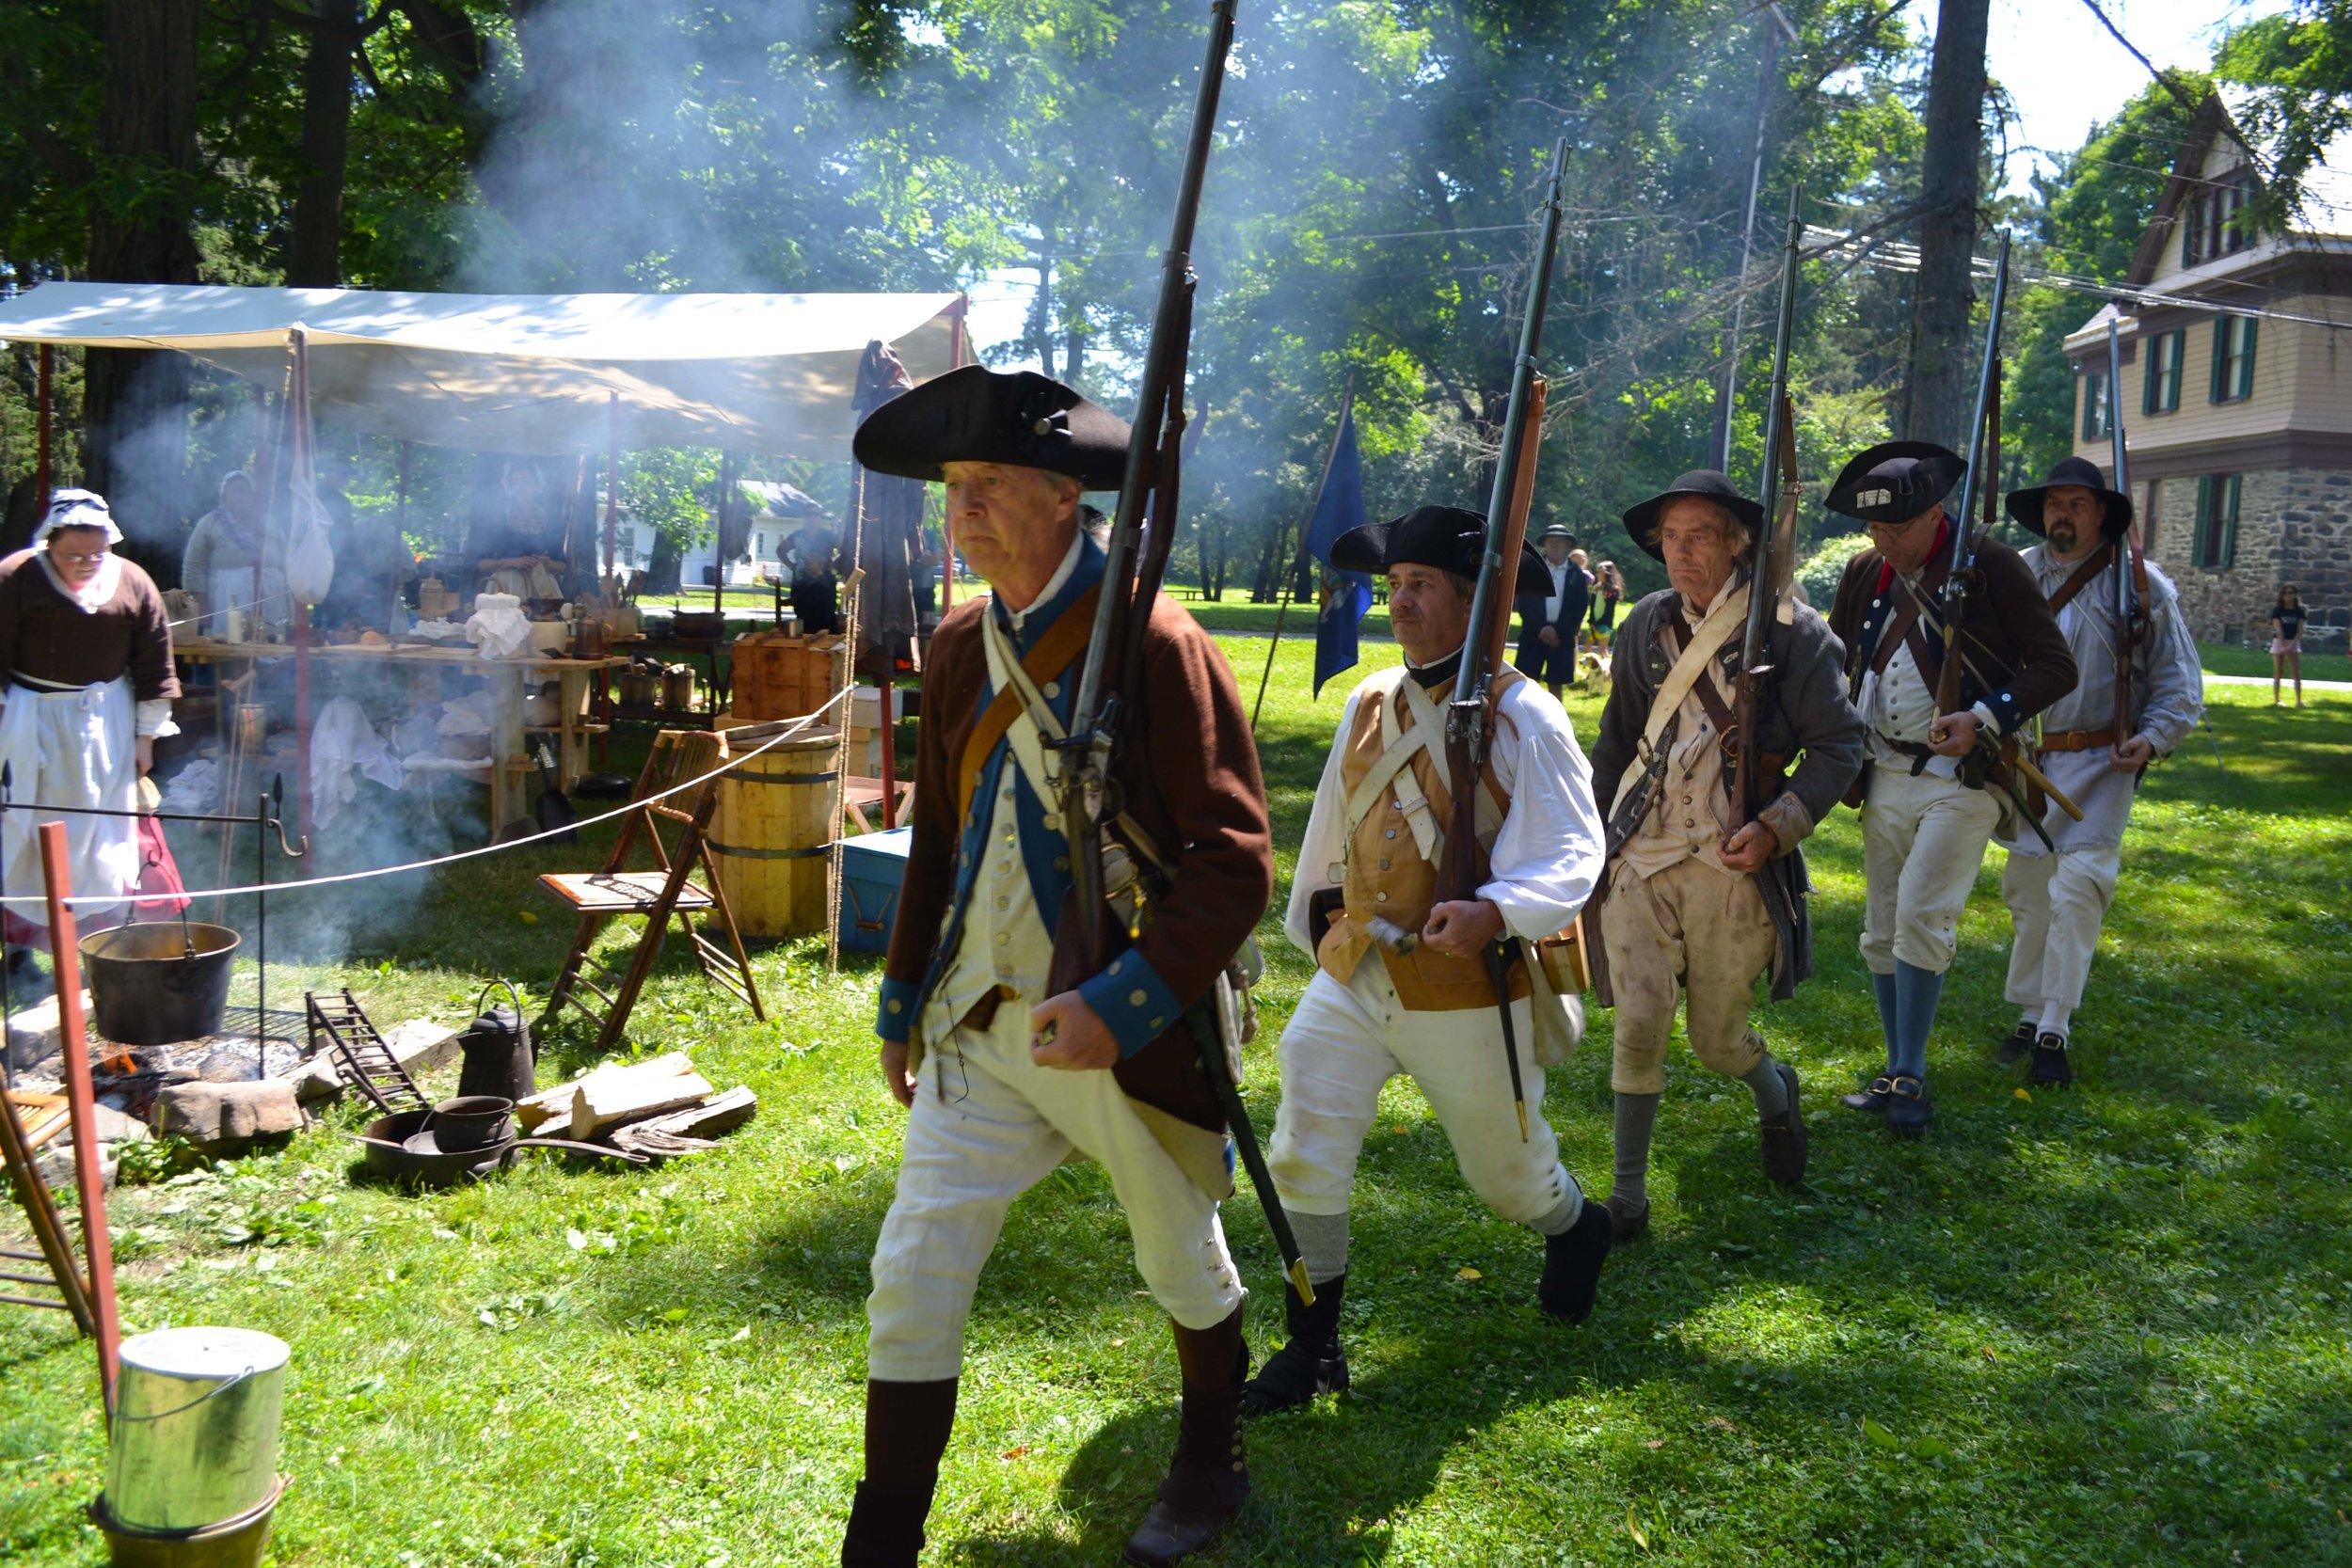 5th New York Regiment reenactors.(Ella Graffin, 2016)